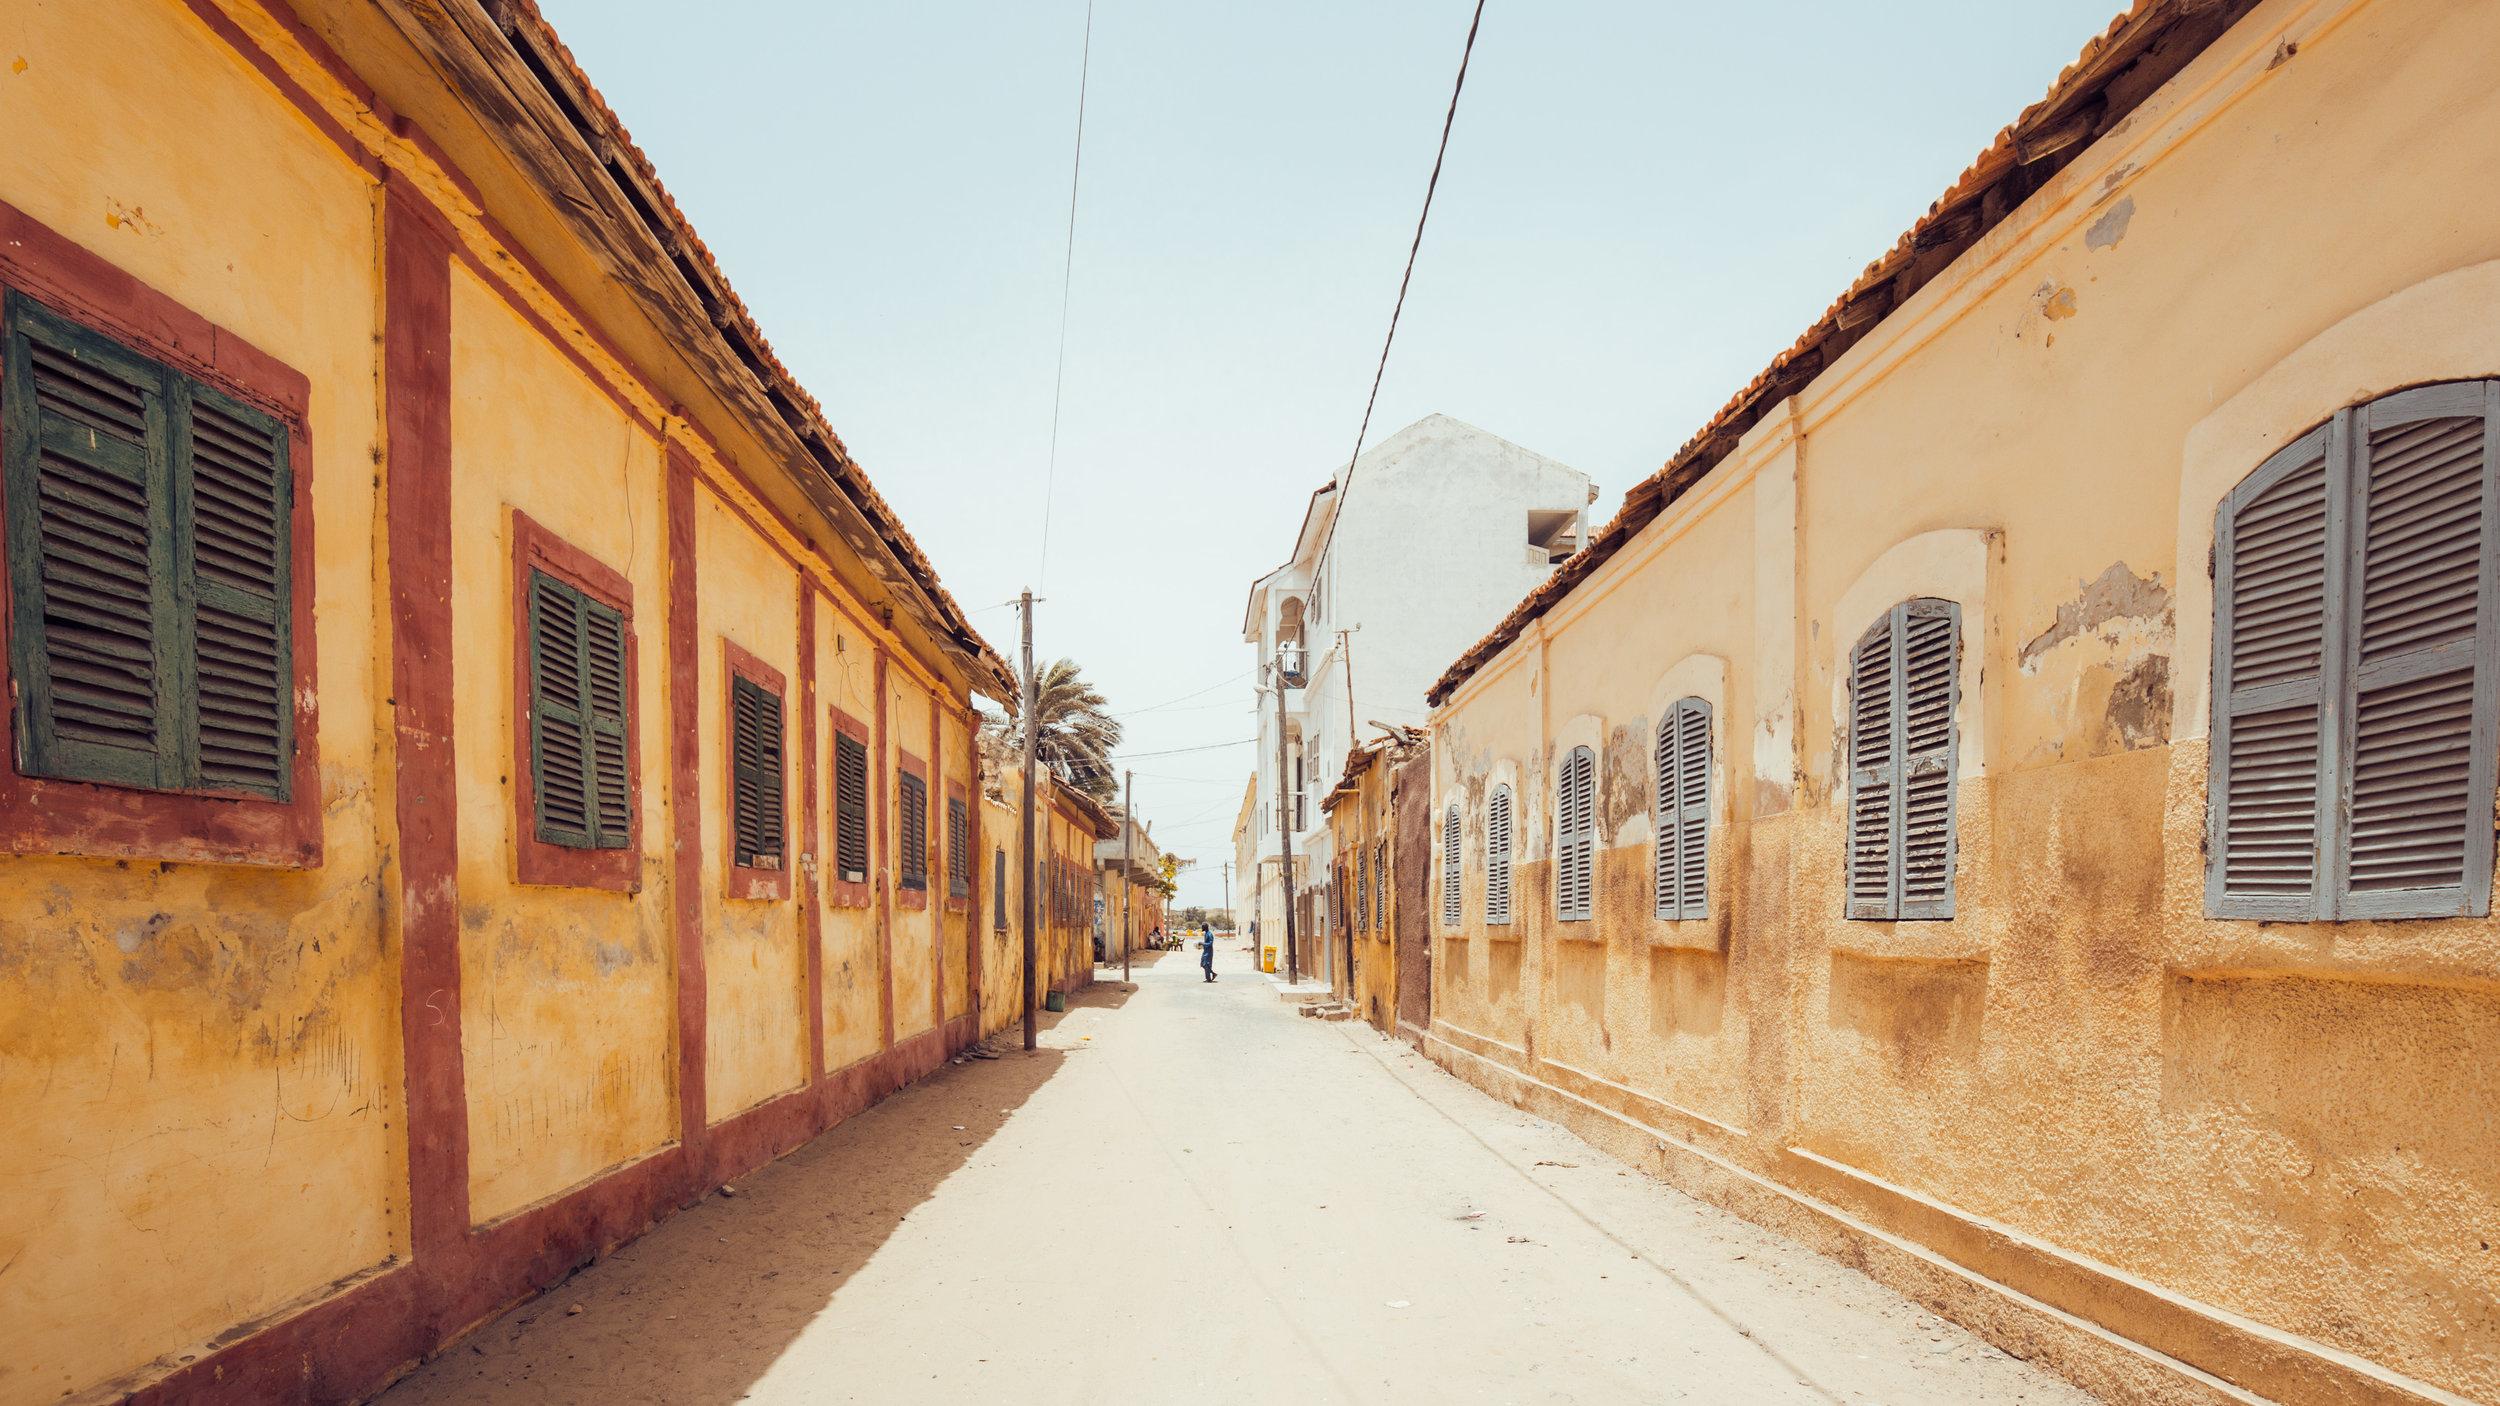 Senegal-16-9-37.jpg